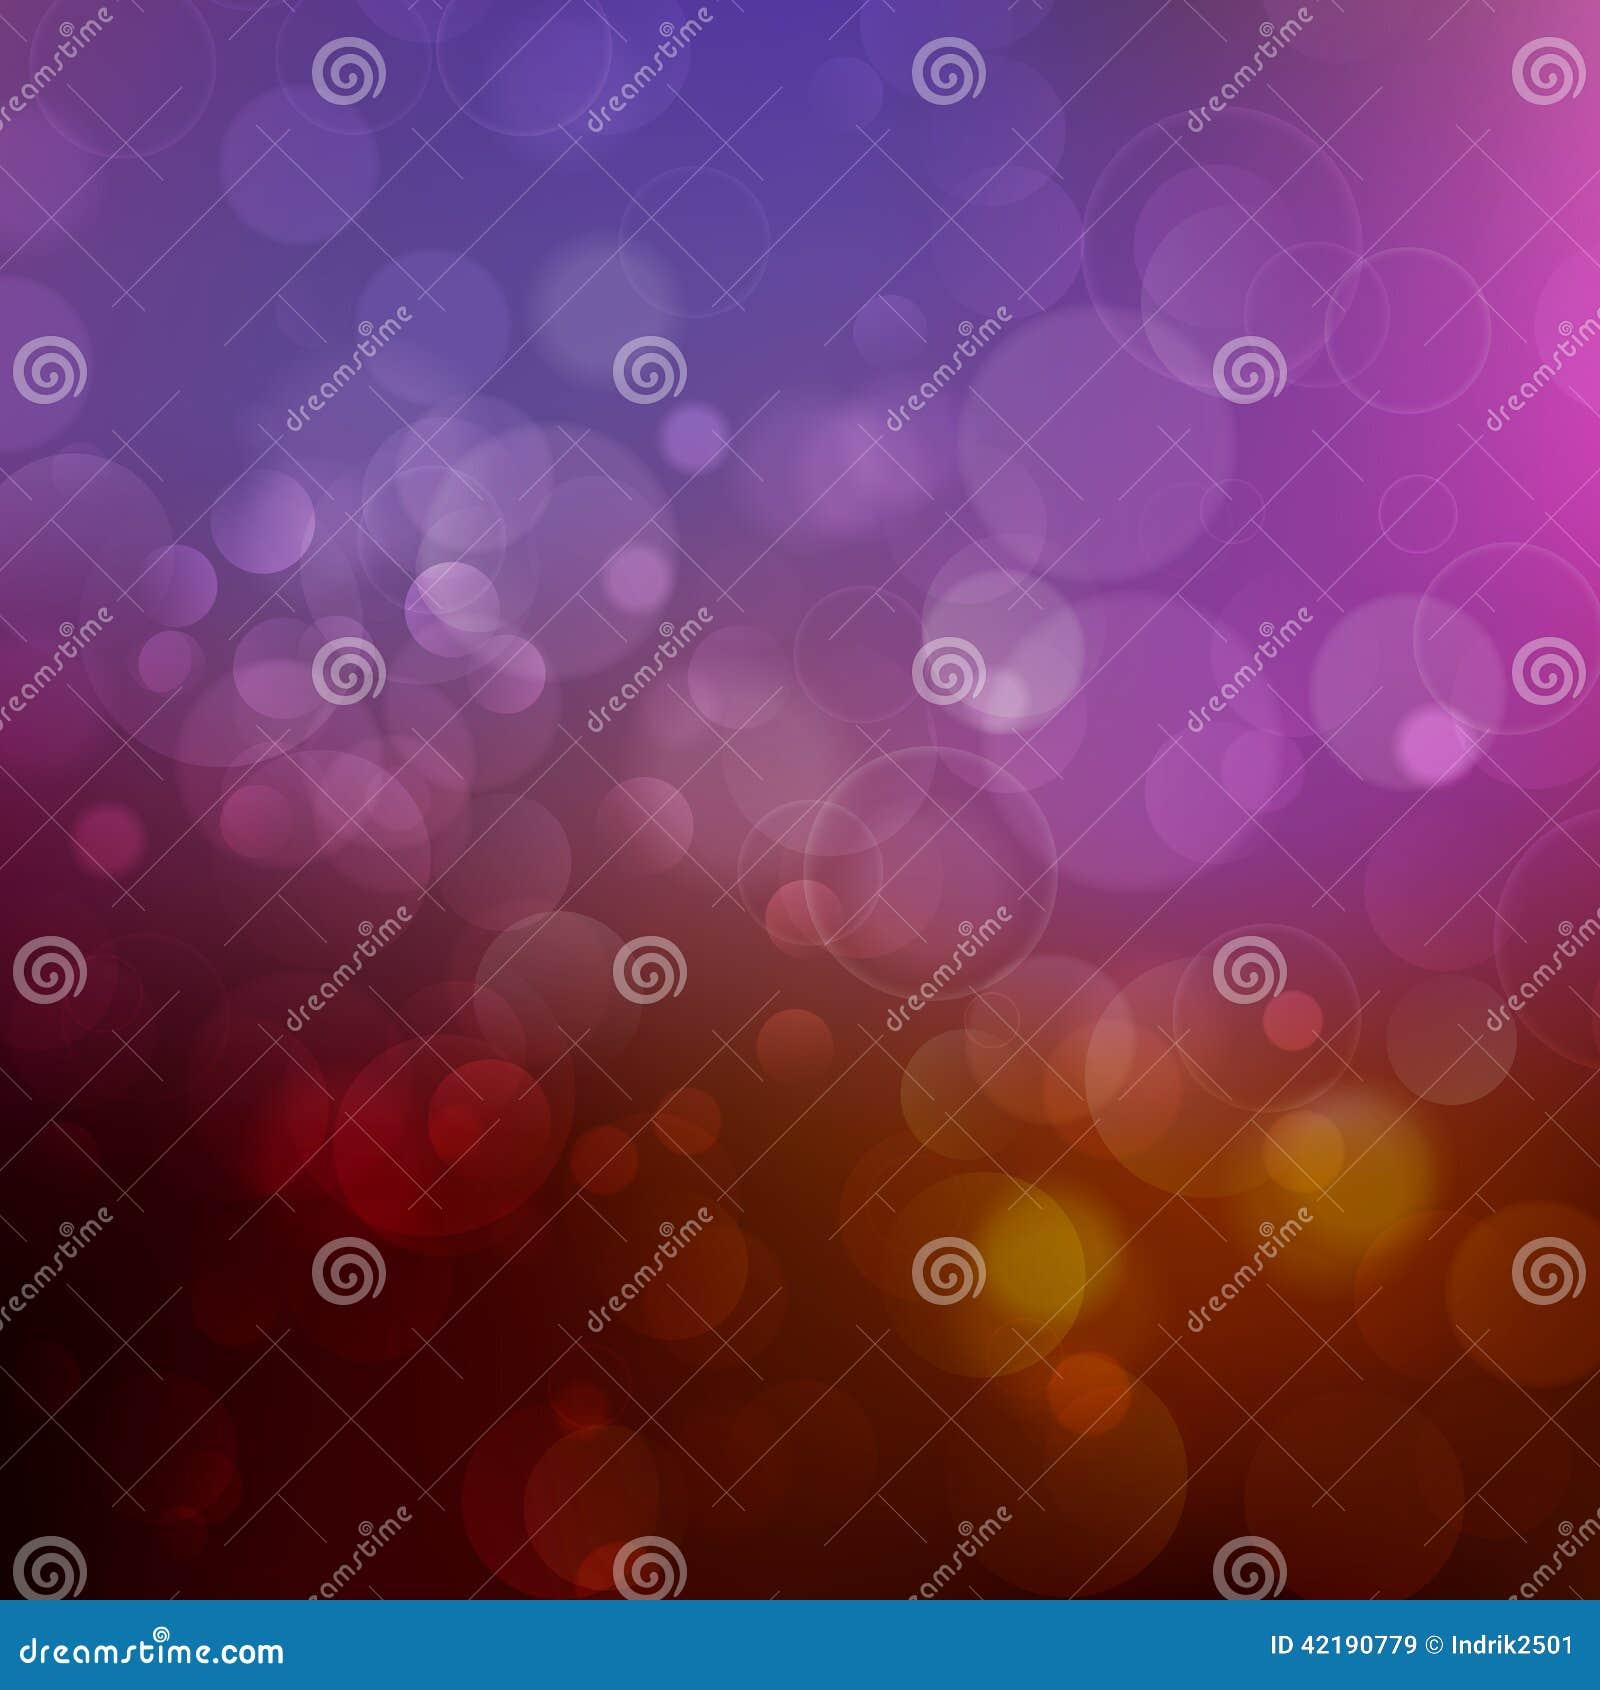 elegant purple backgrounds - photo #45